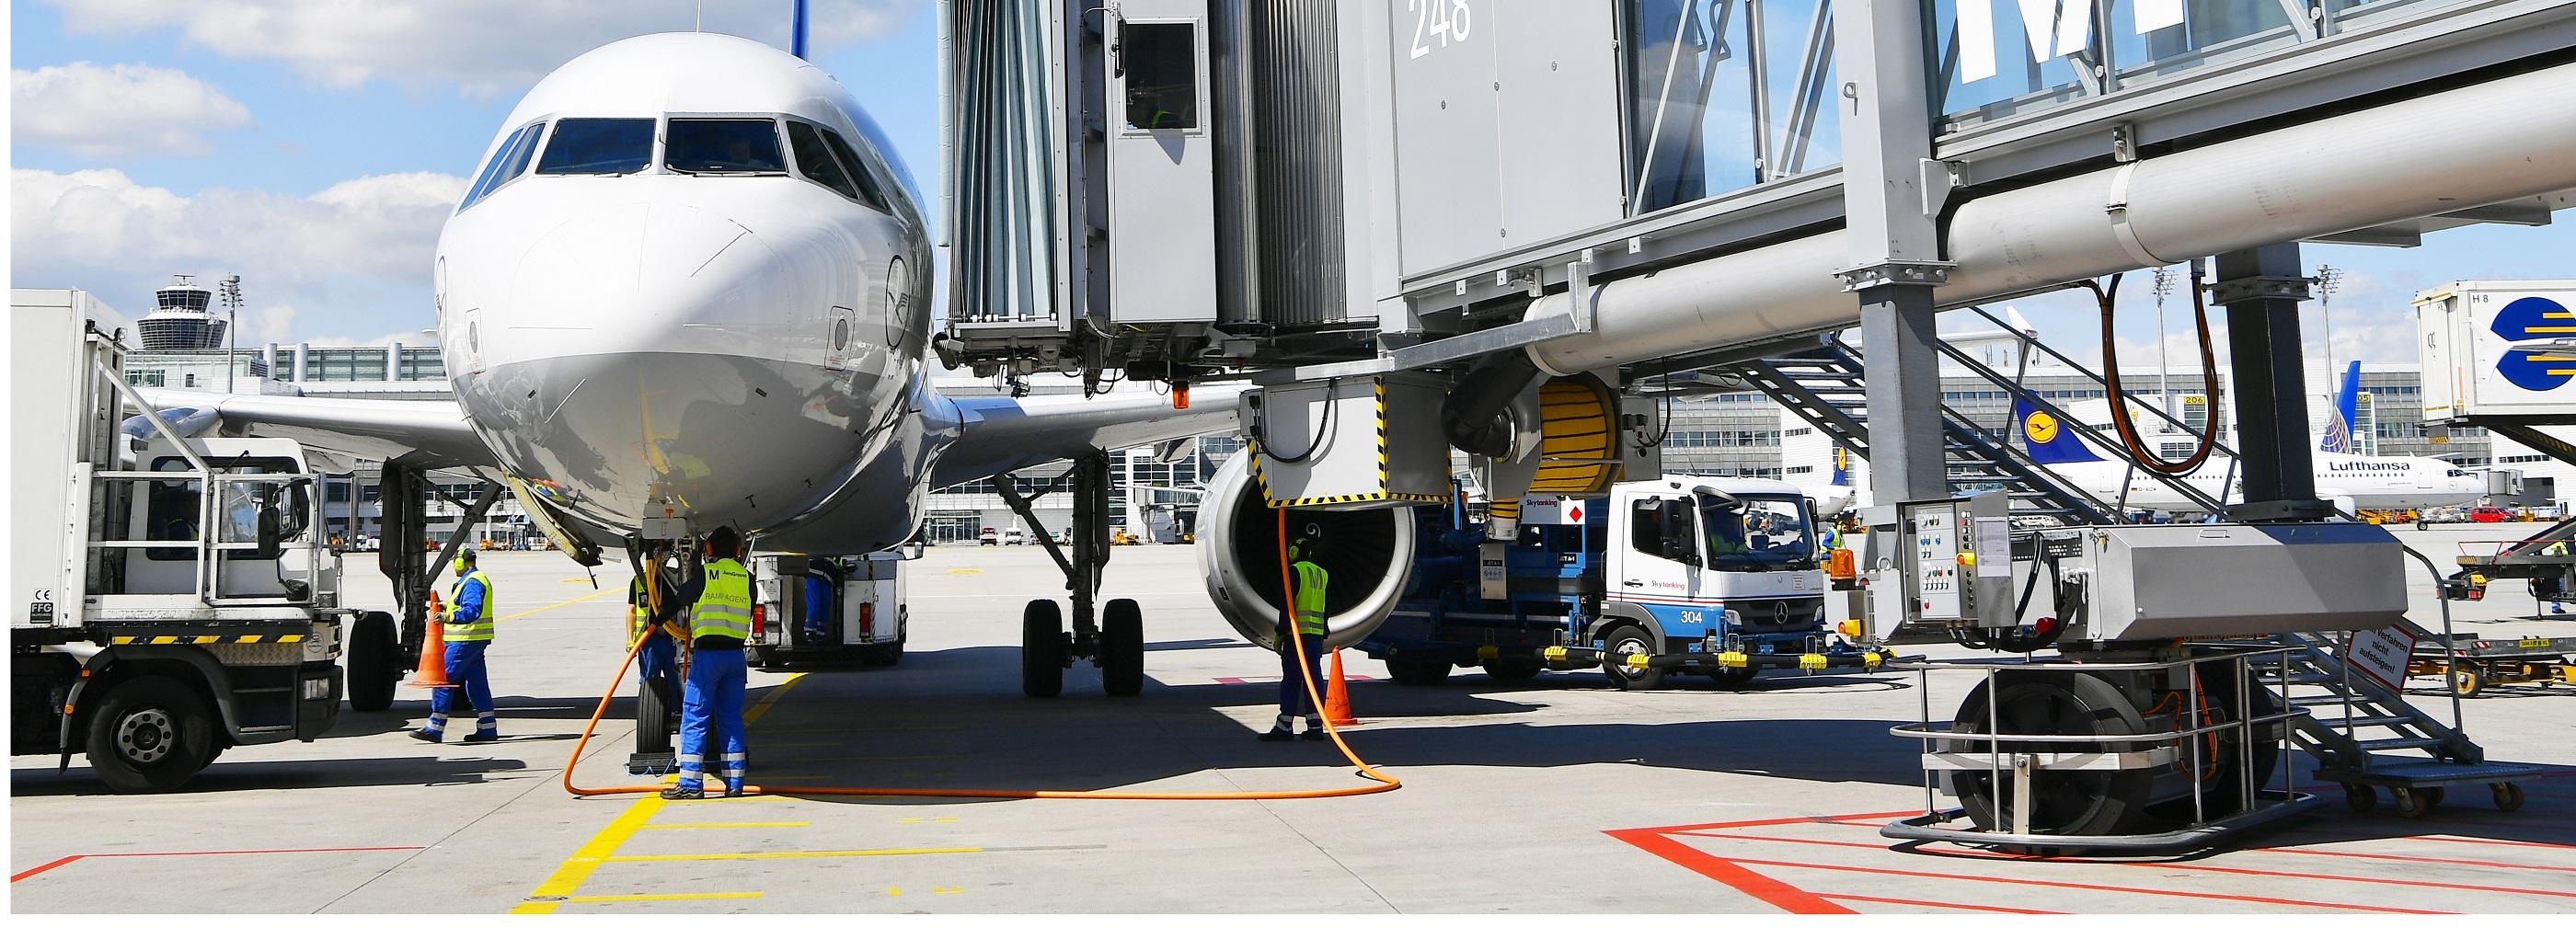 Parkendes Flugzeug am Flughafen München